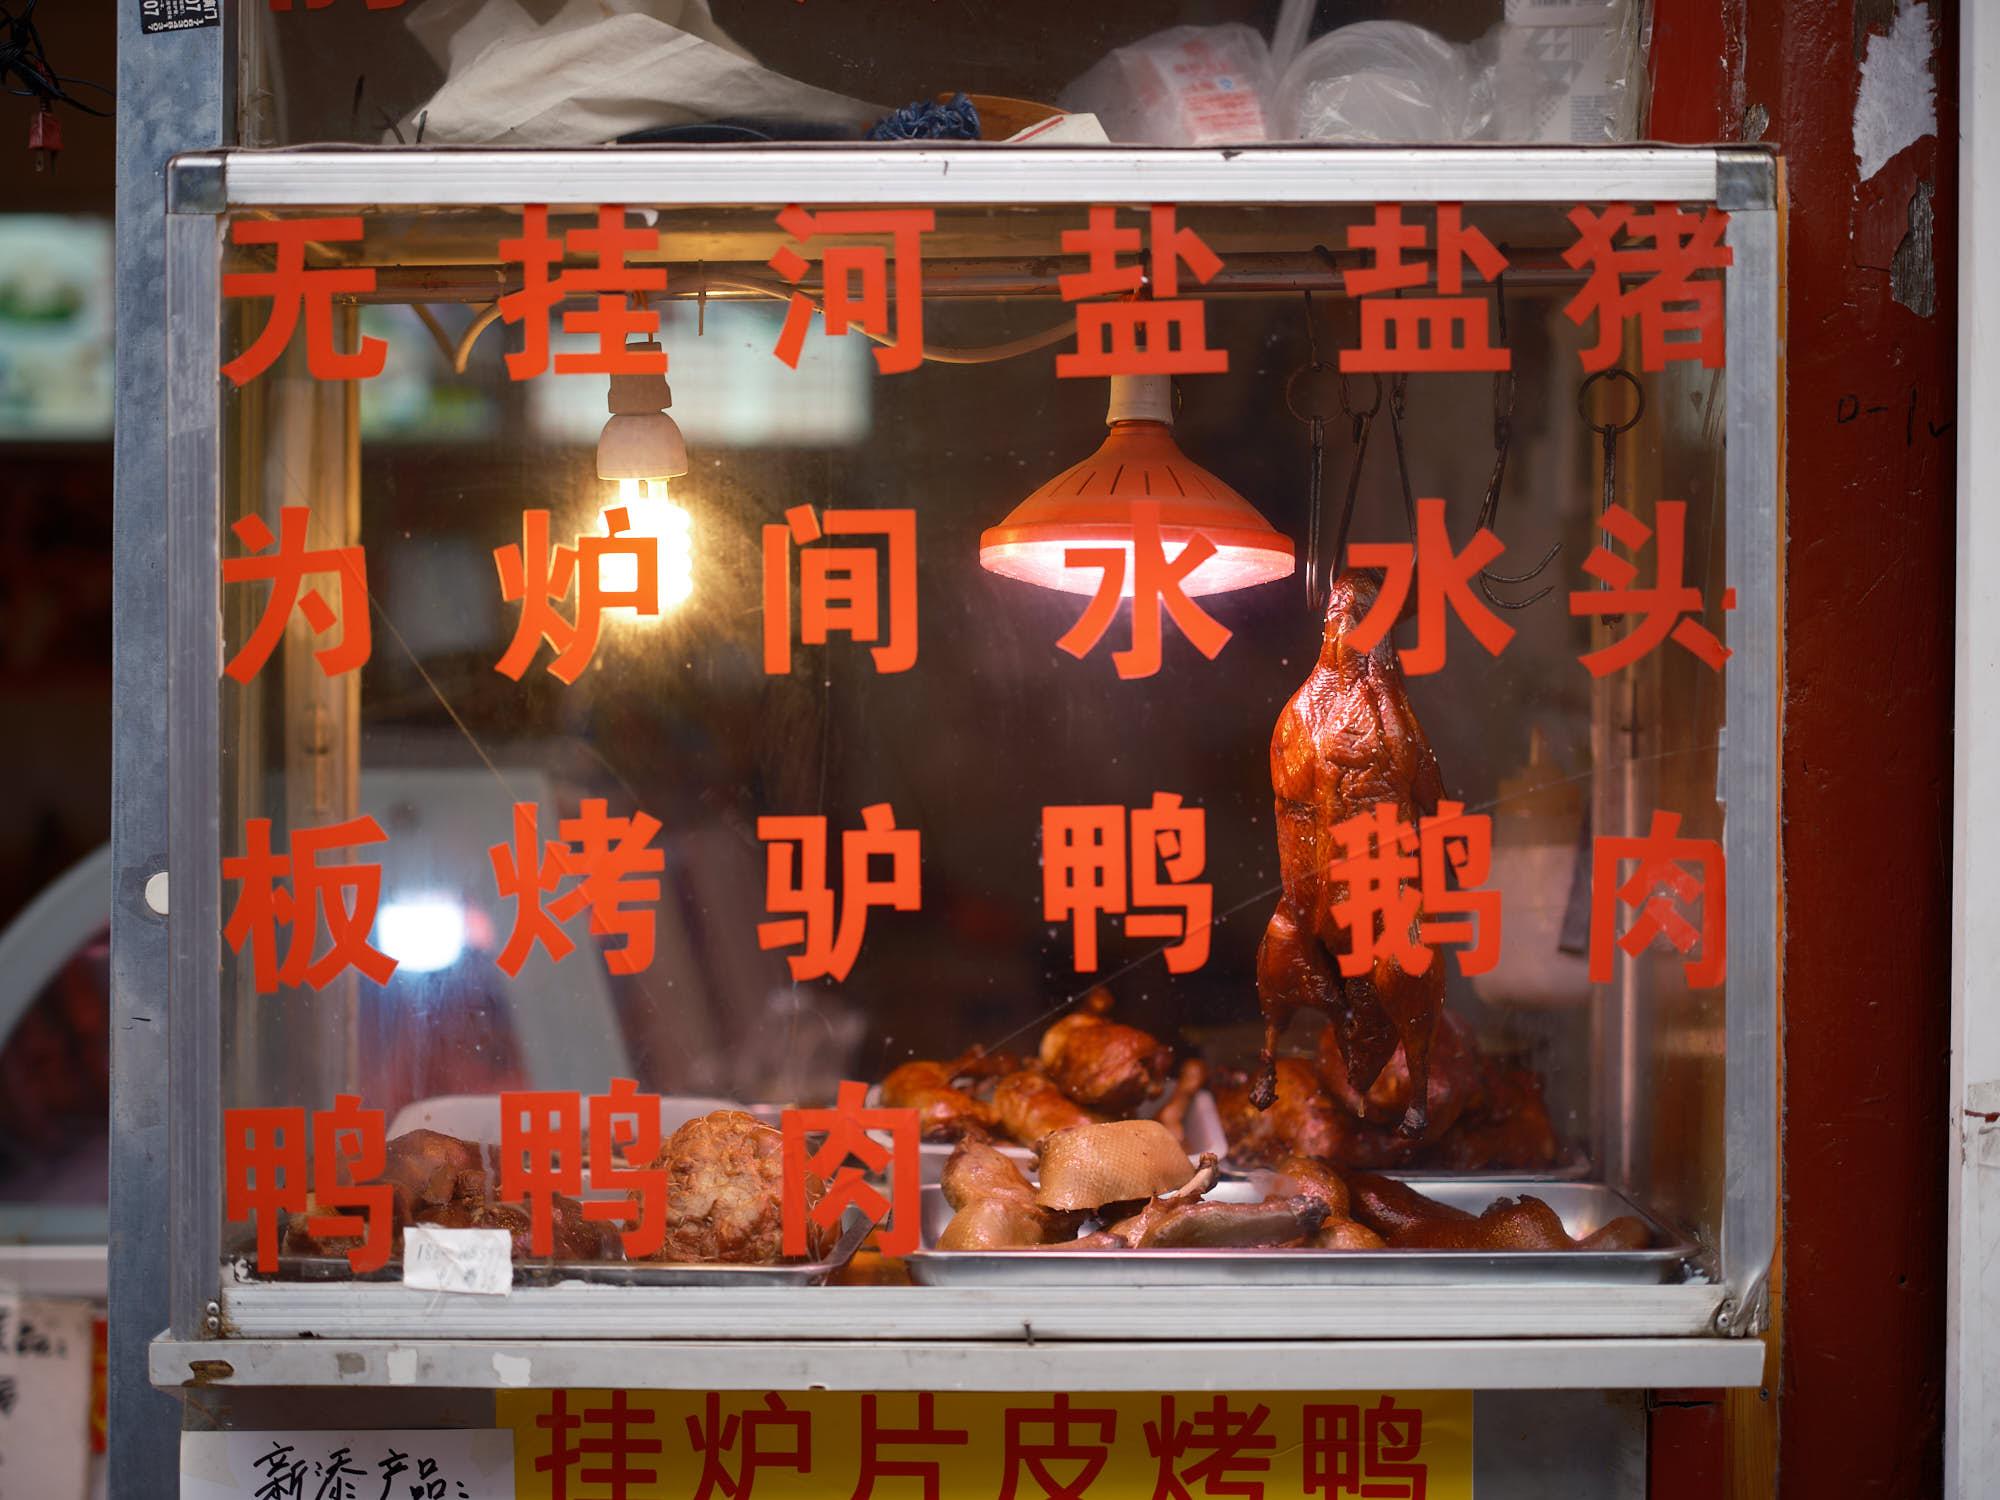 Street food, hutong Beijing